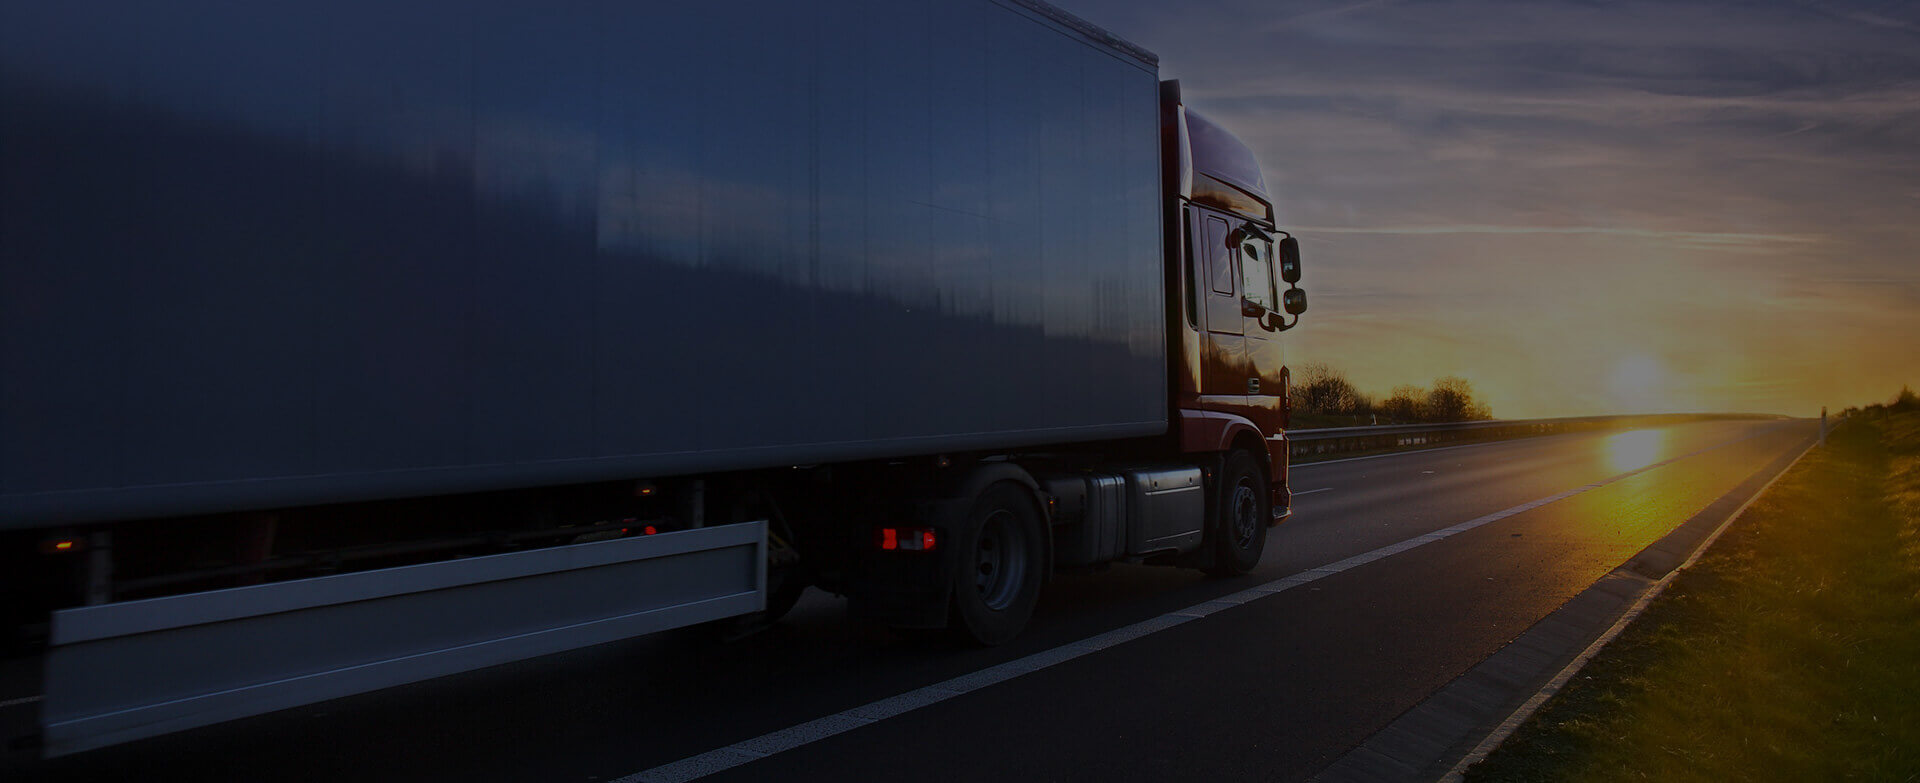 Slider zdjęcie 1 - Firma transportowa MTS | Spedycja, Transport międzynarodowy